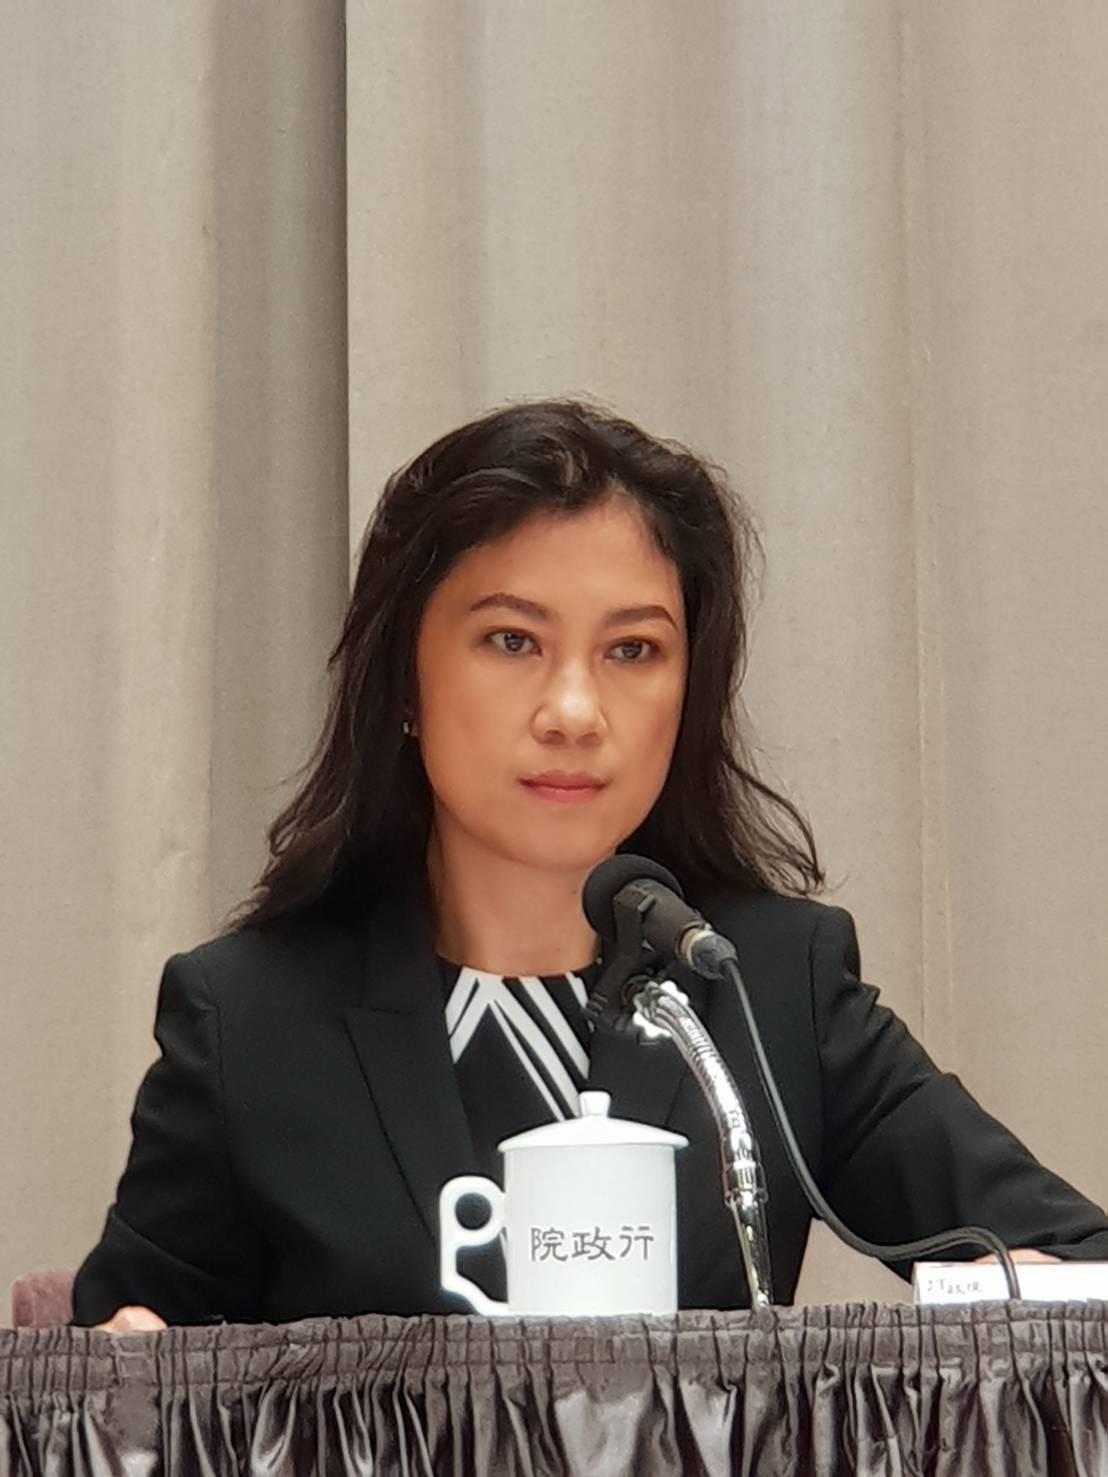 台北市長柯文哲指蘇揆「他再講,我就問候他那個保安宮的事,行政院發言人谷辣斯・尤達卡(Kolas Yotaka)(如圖)表示,不回應柯文哲。(資料照,記者李欣芳攝)